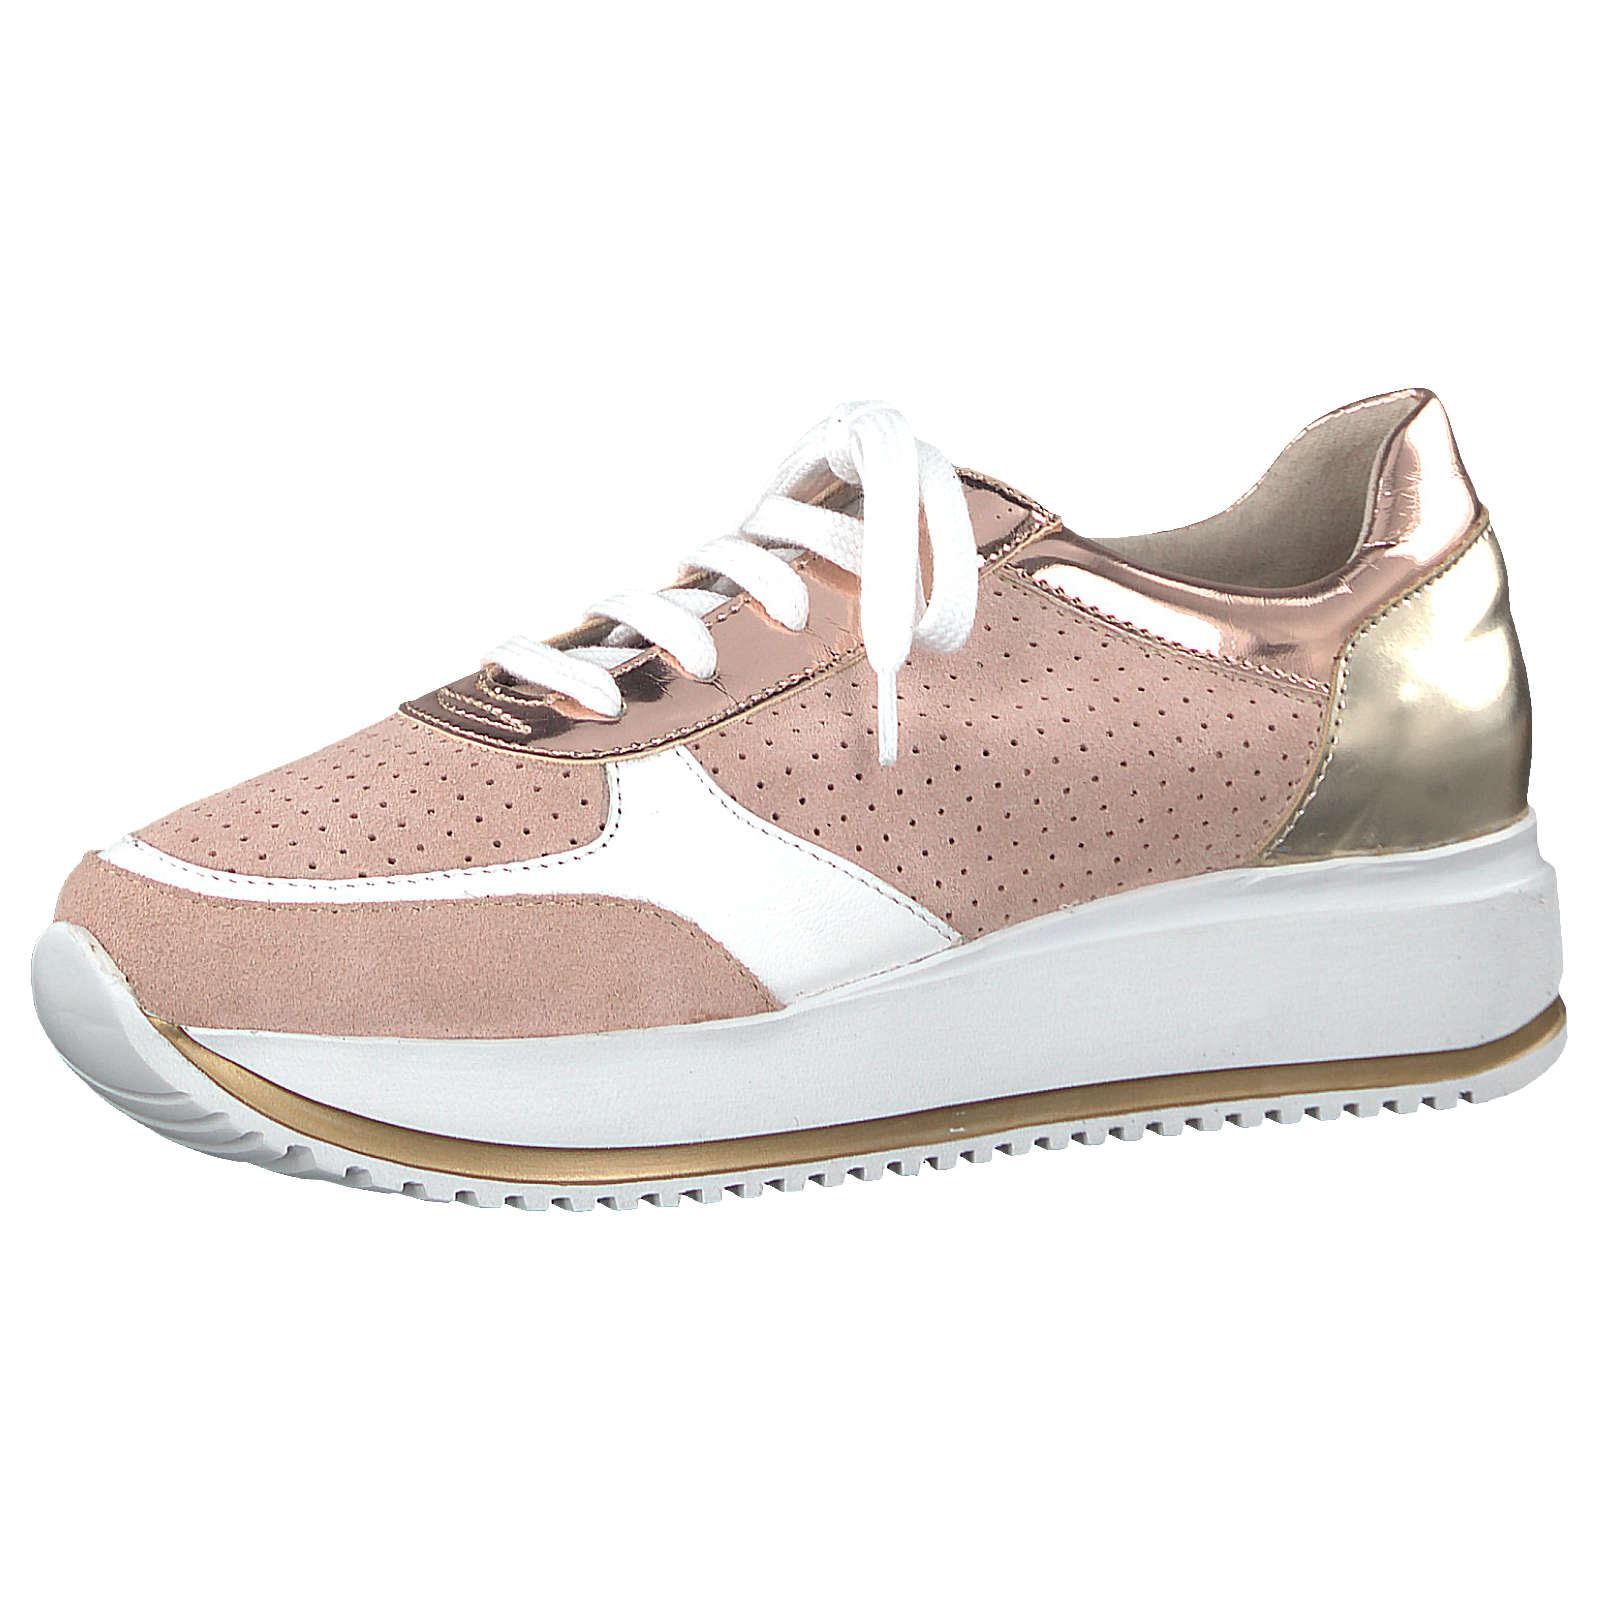 Tamaris Sneakers Low rosa-kombi Damen Gr. 41